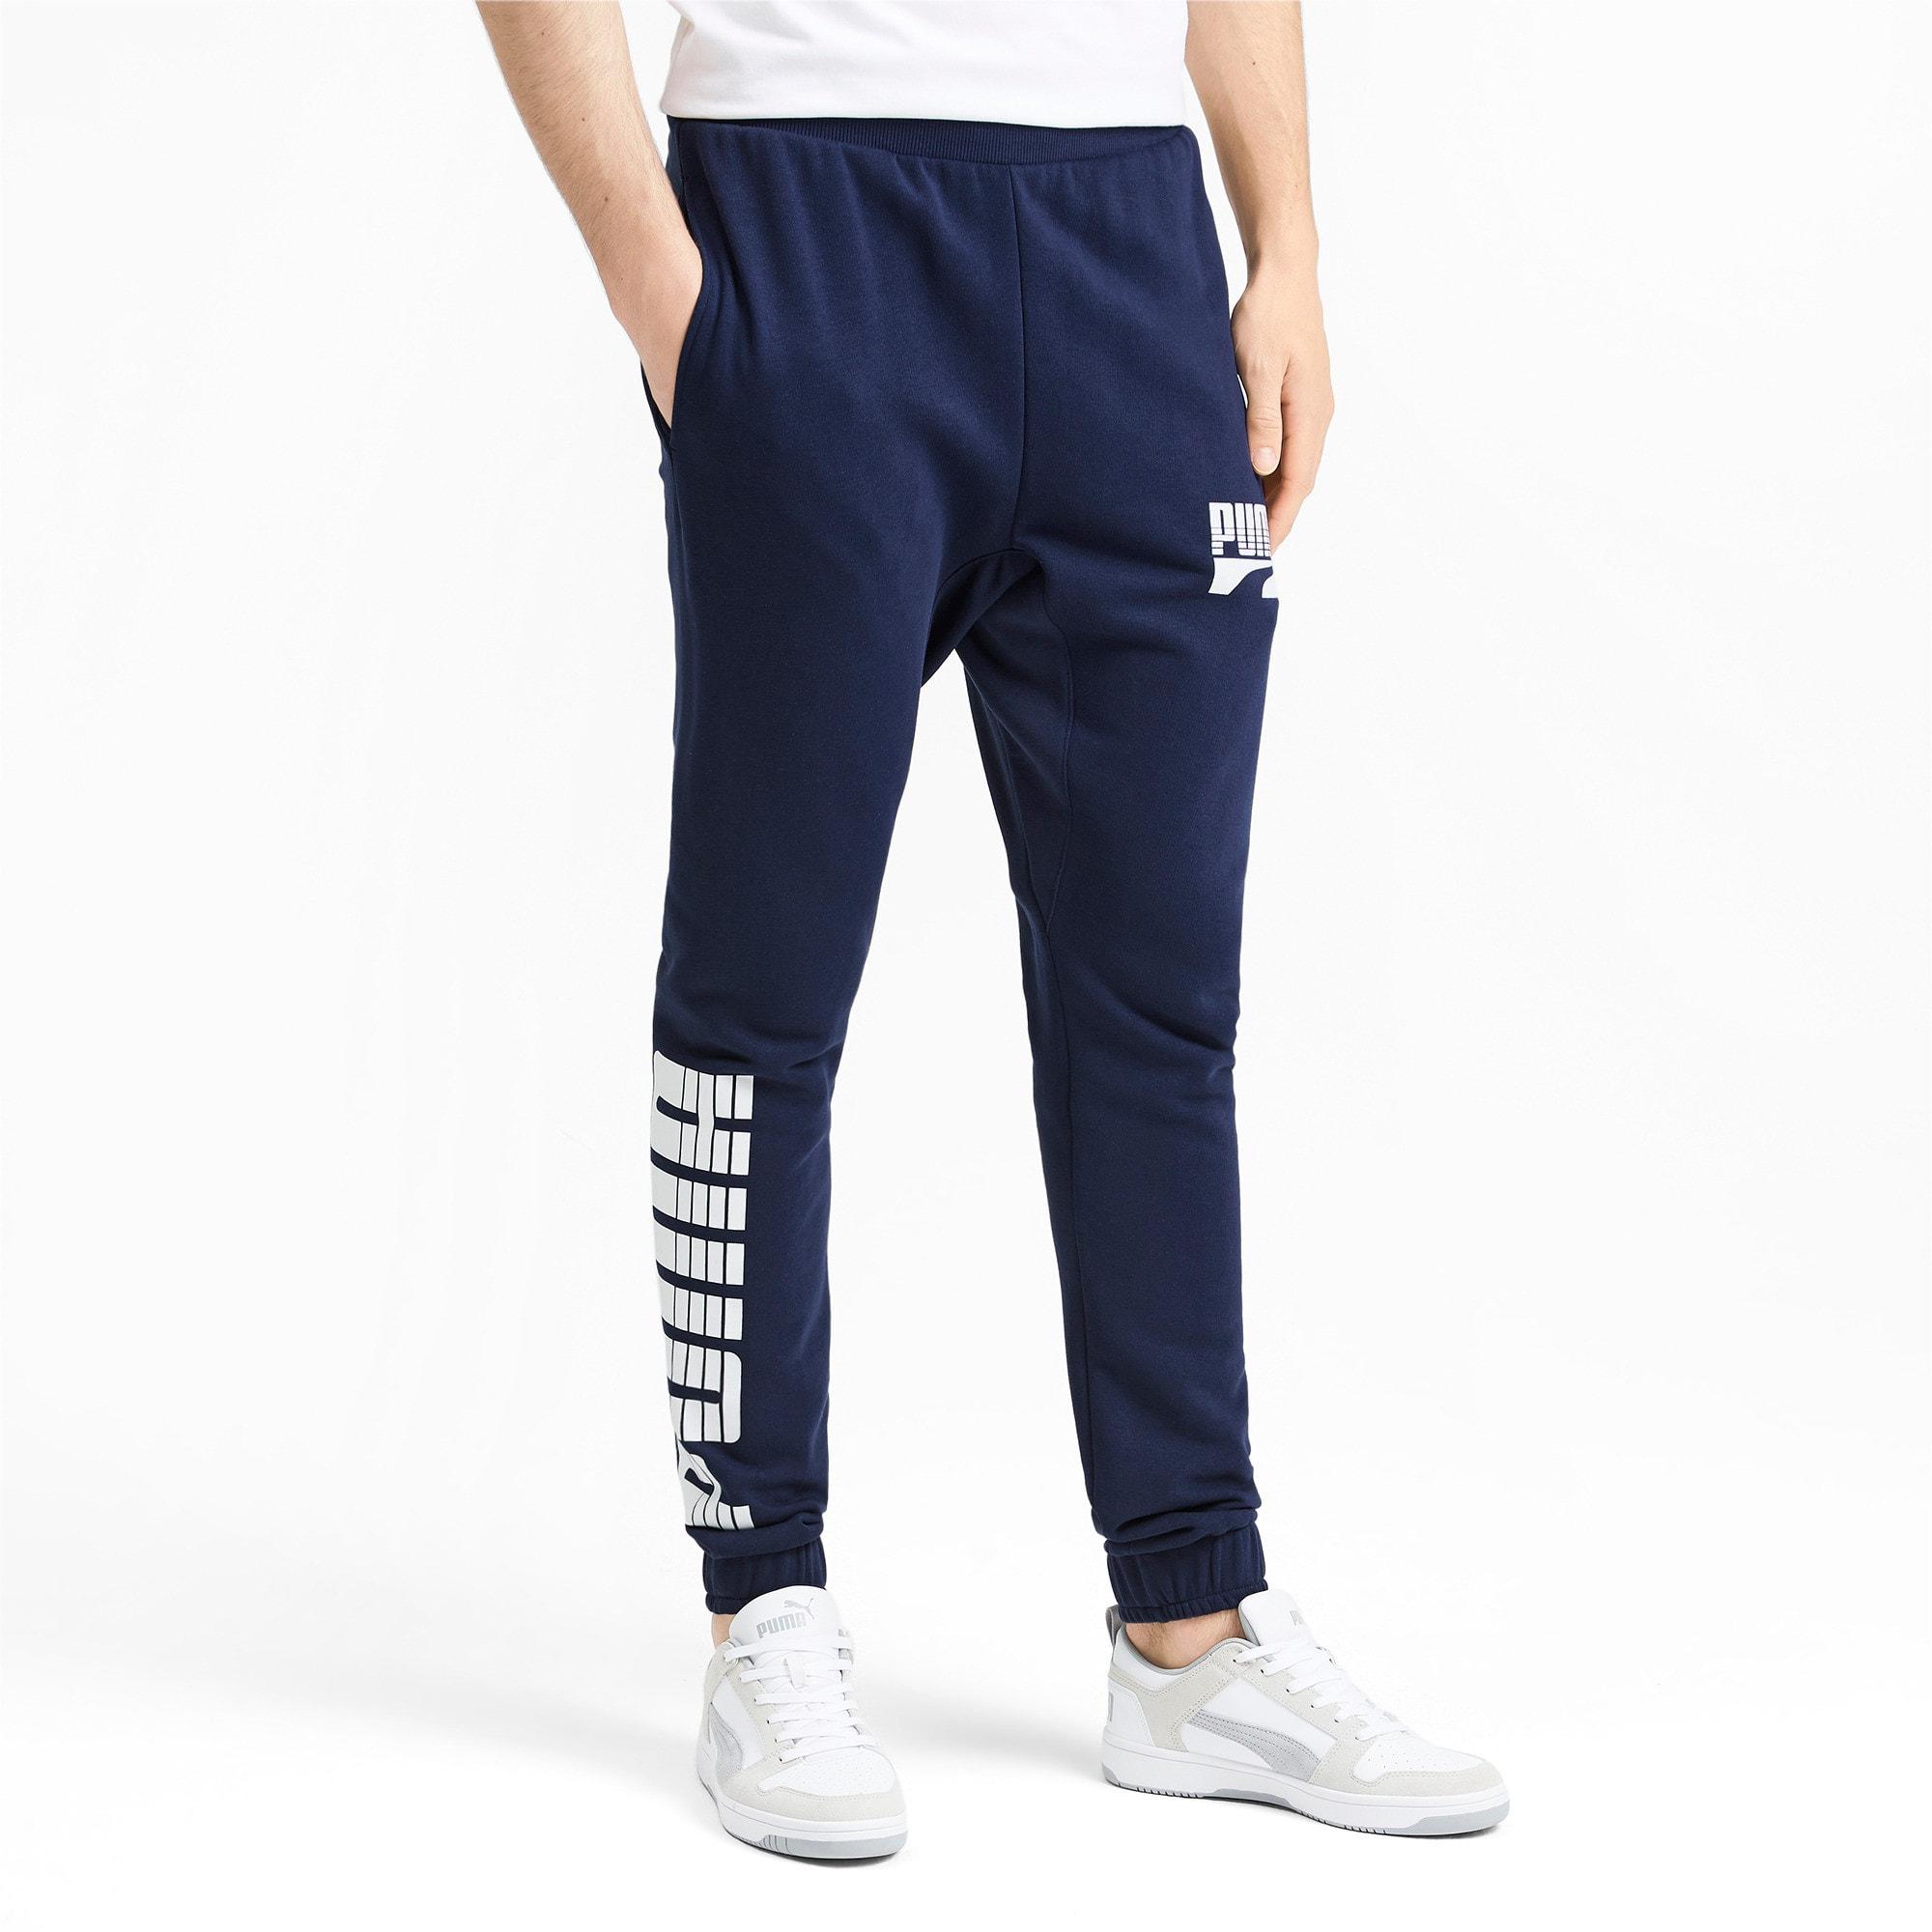 Miniatura 2 de Pantalones Rebel Bold para hombre, Peacoat, mediano